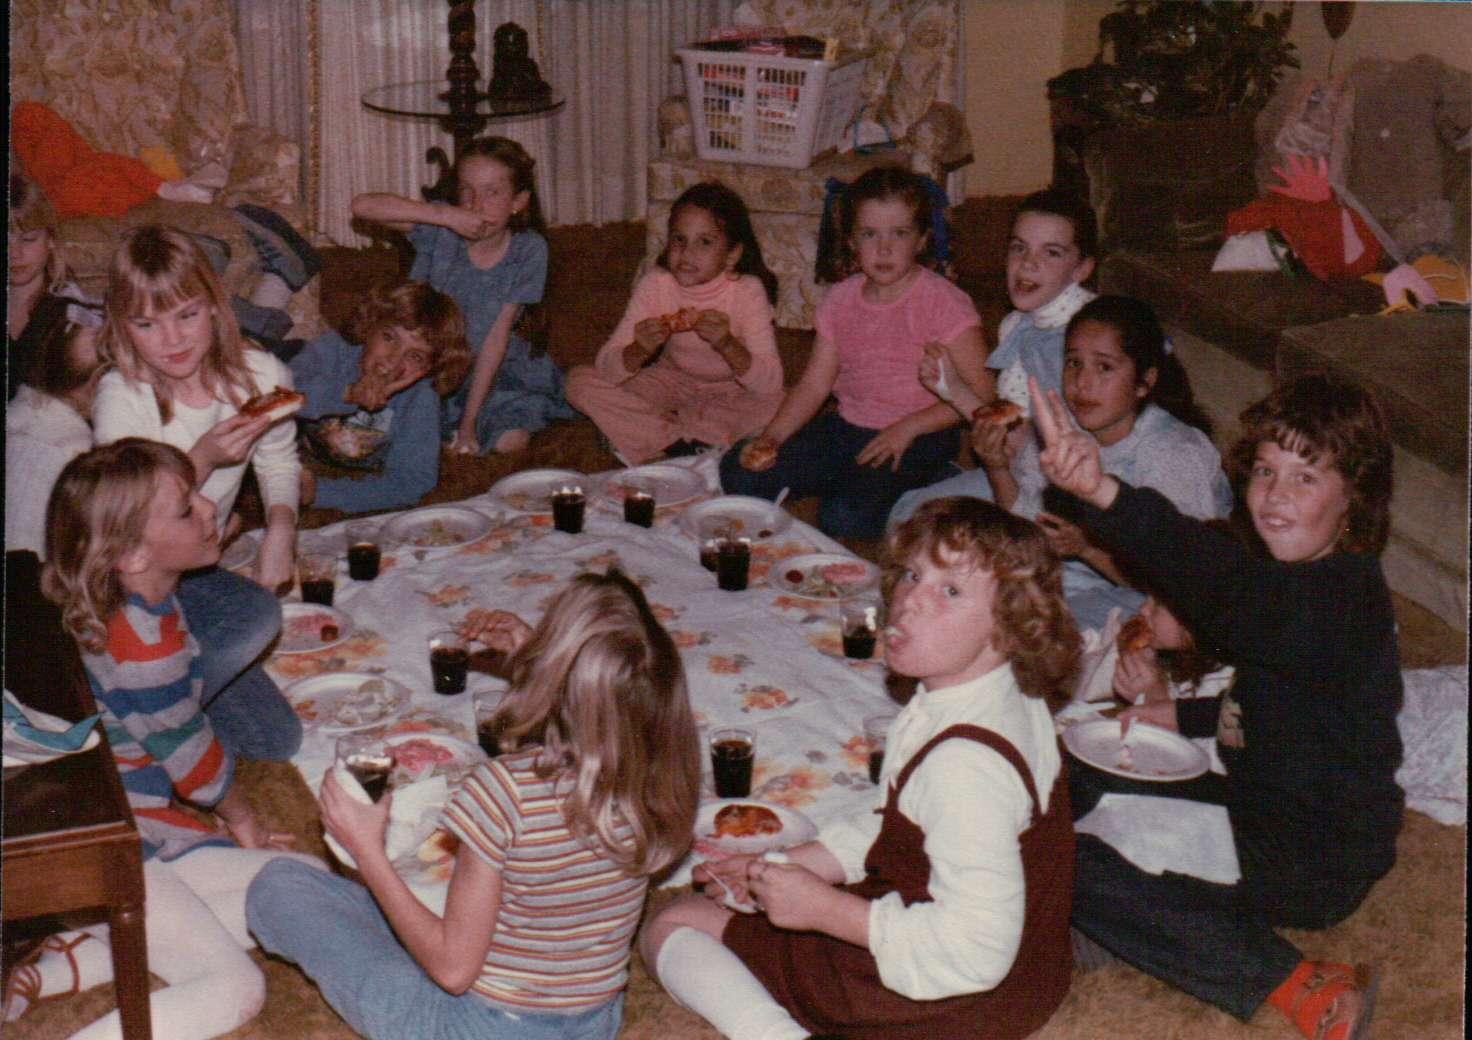 http://4.bp.blogspot.com/_Jq-k63zuk8g/TB8DsBdWbgI/AAAAAAAAC5M/WyjkQrgFmEQ/s1600/Birthday+Parties+002.JPG